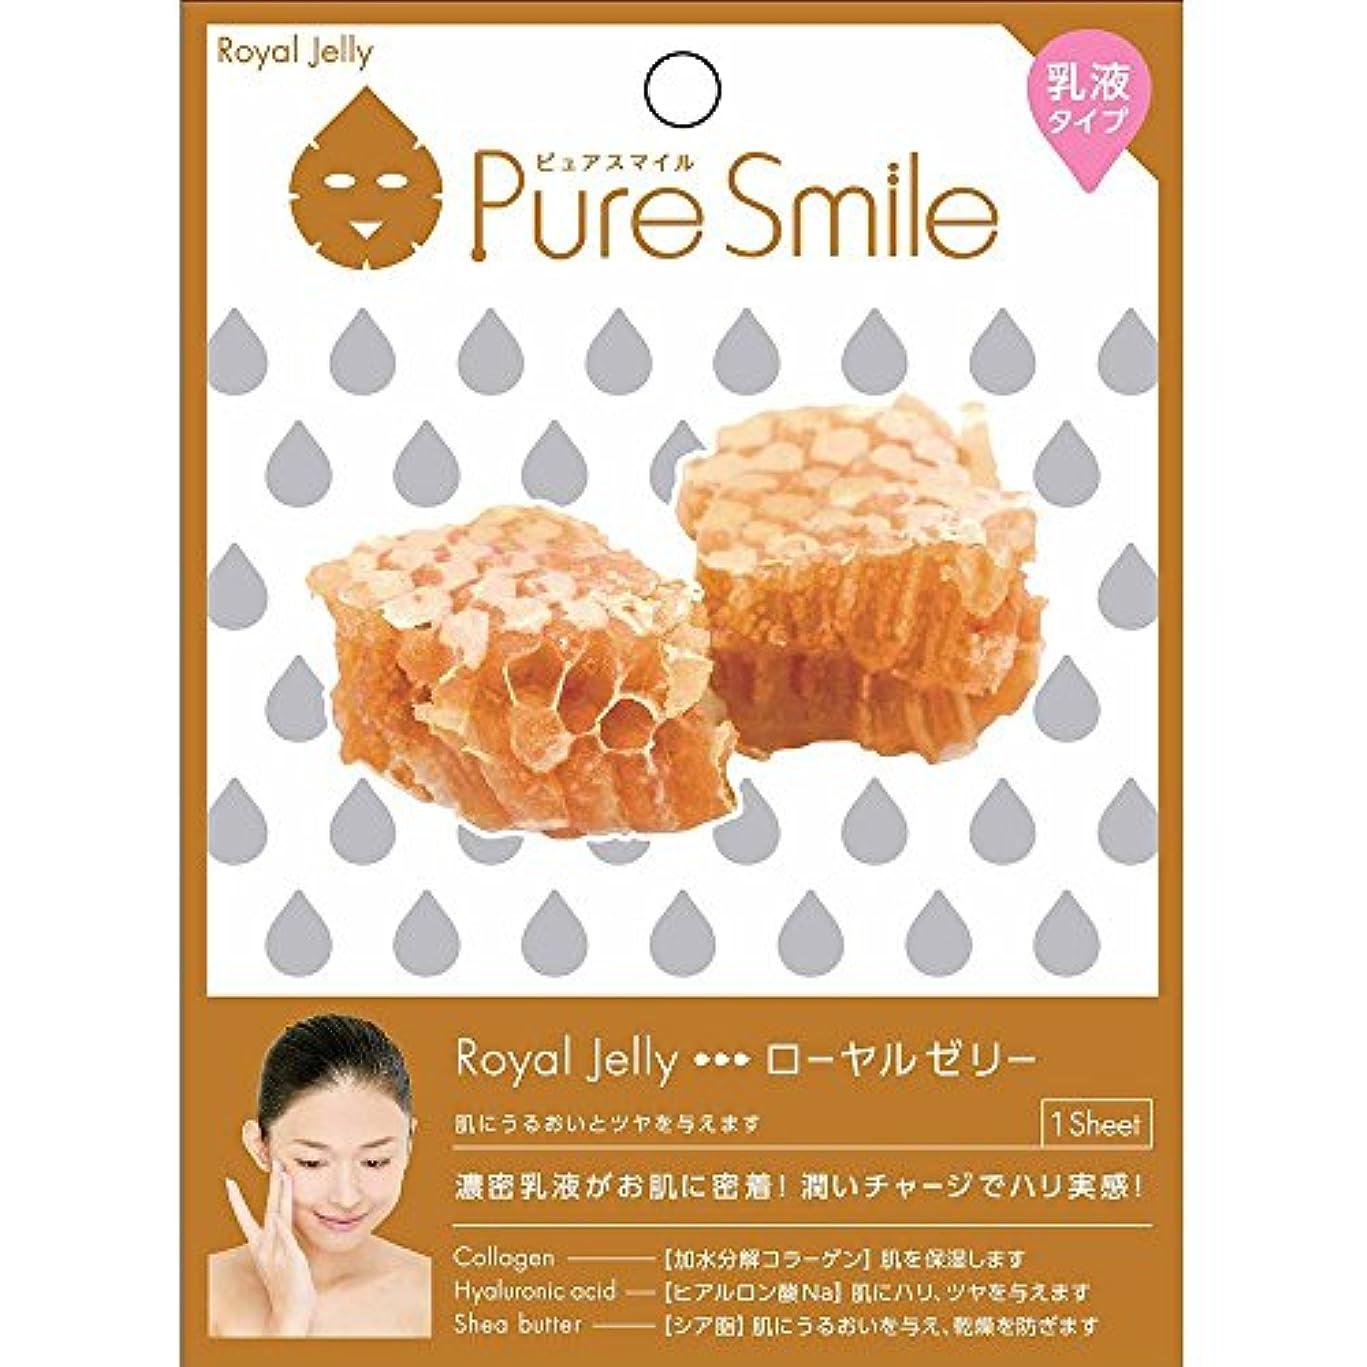 驚かす慣れている検出するPure Smile(ピュアスマイル) 乳液エッセンスマスク 1 枚 ローヤルゼリー